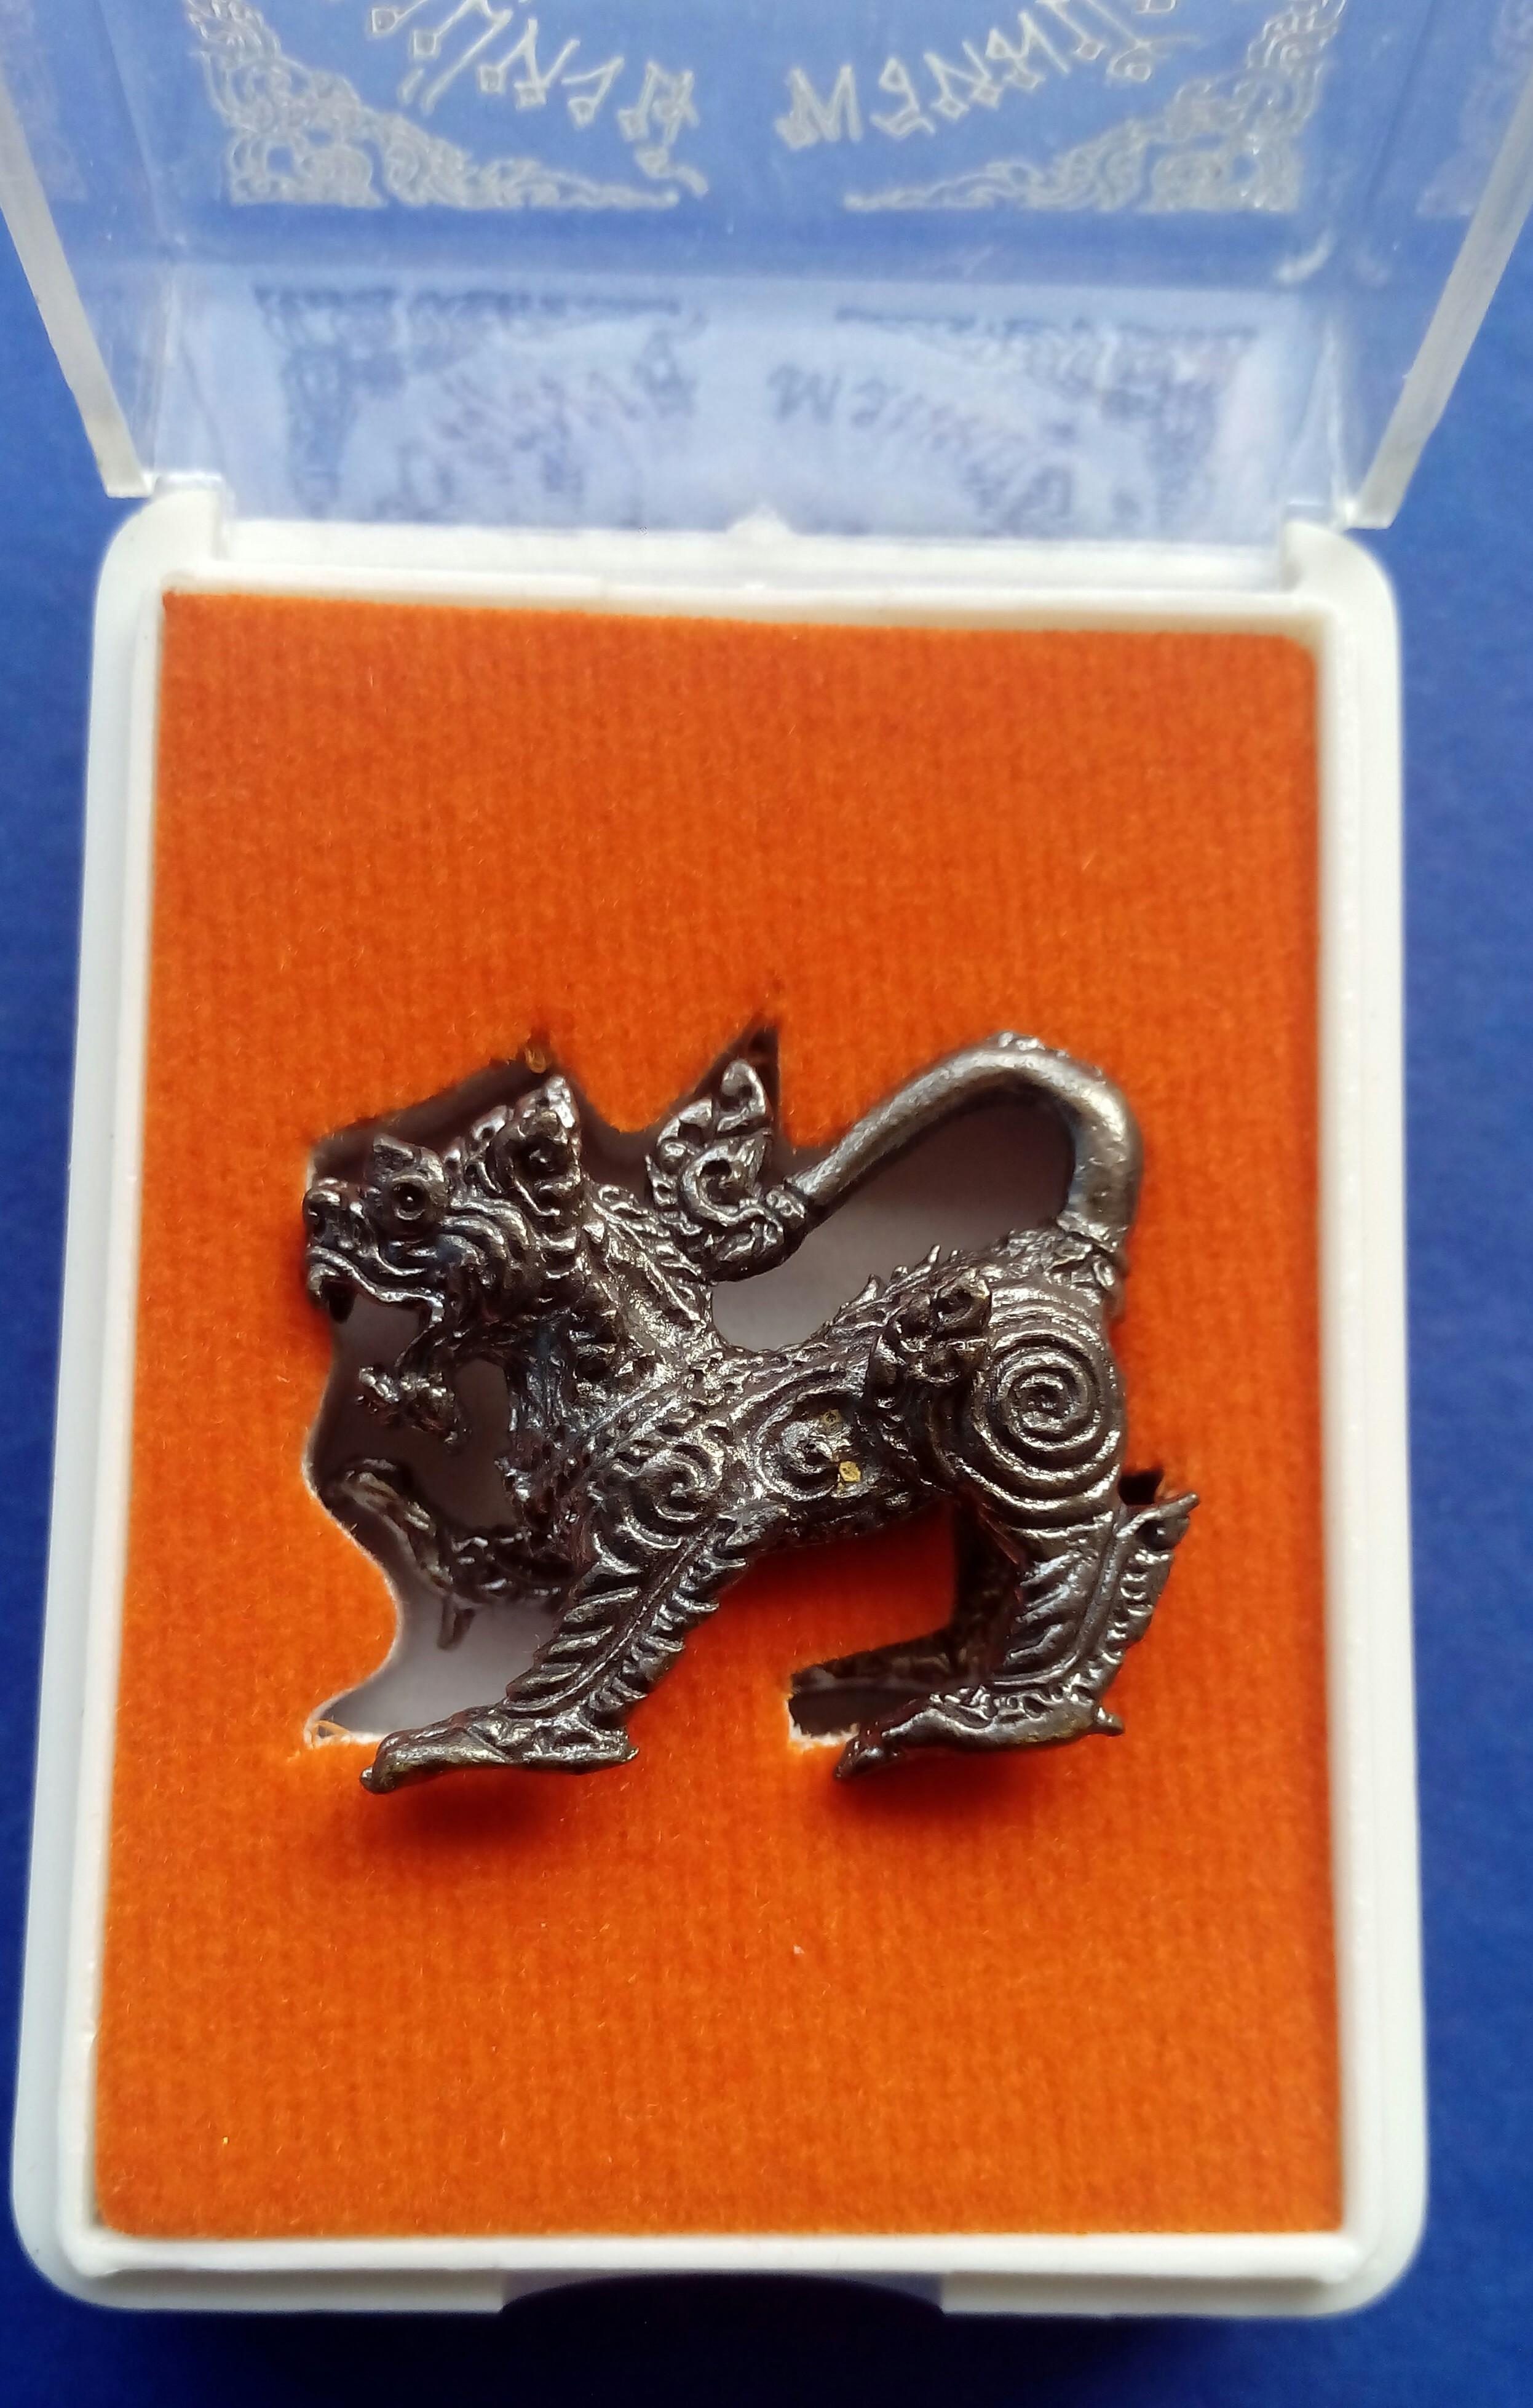 สิงห์มหาอำนาจ หลวงปู่หงษ์ วัดเพชรบุรี รุ่นมั่งมีศรีสุข